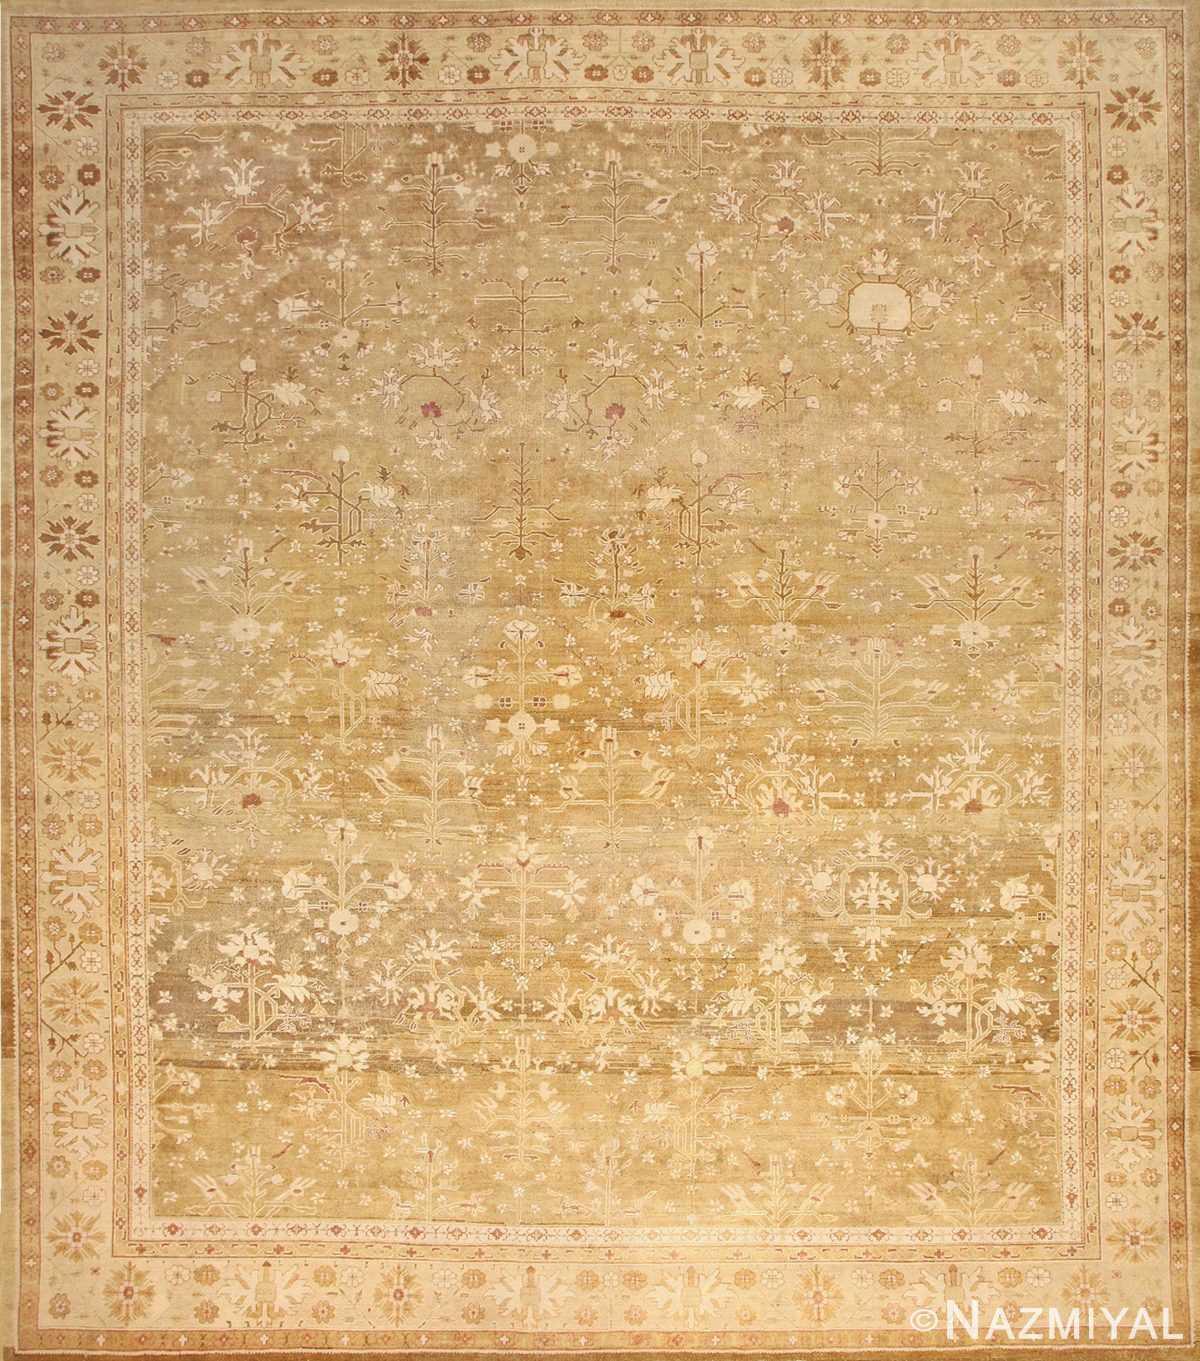 Large Antique Indian Amritsar Rug 50378 Nazmiyal